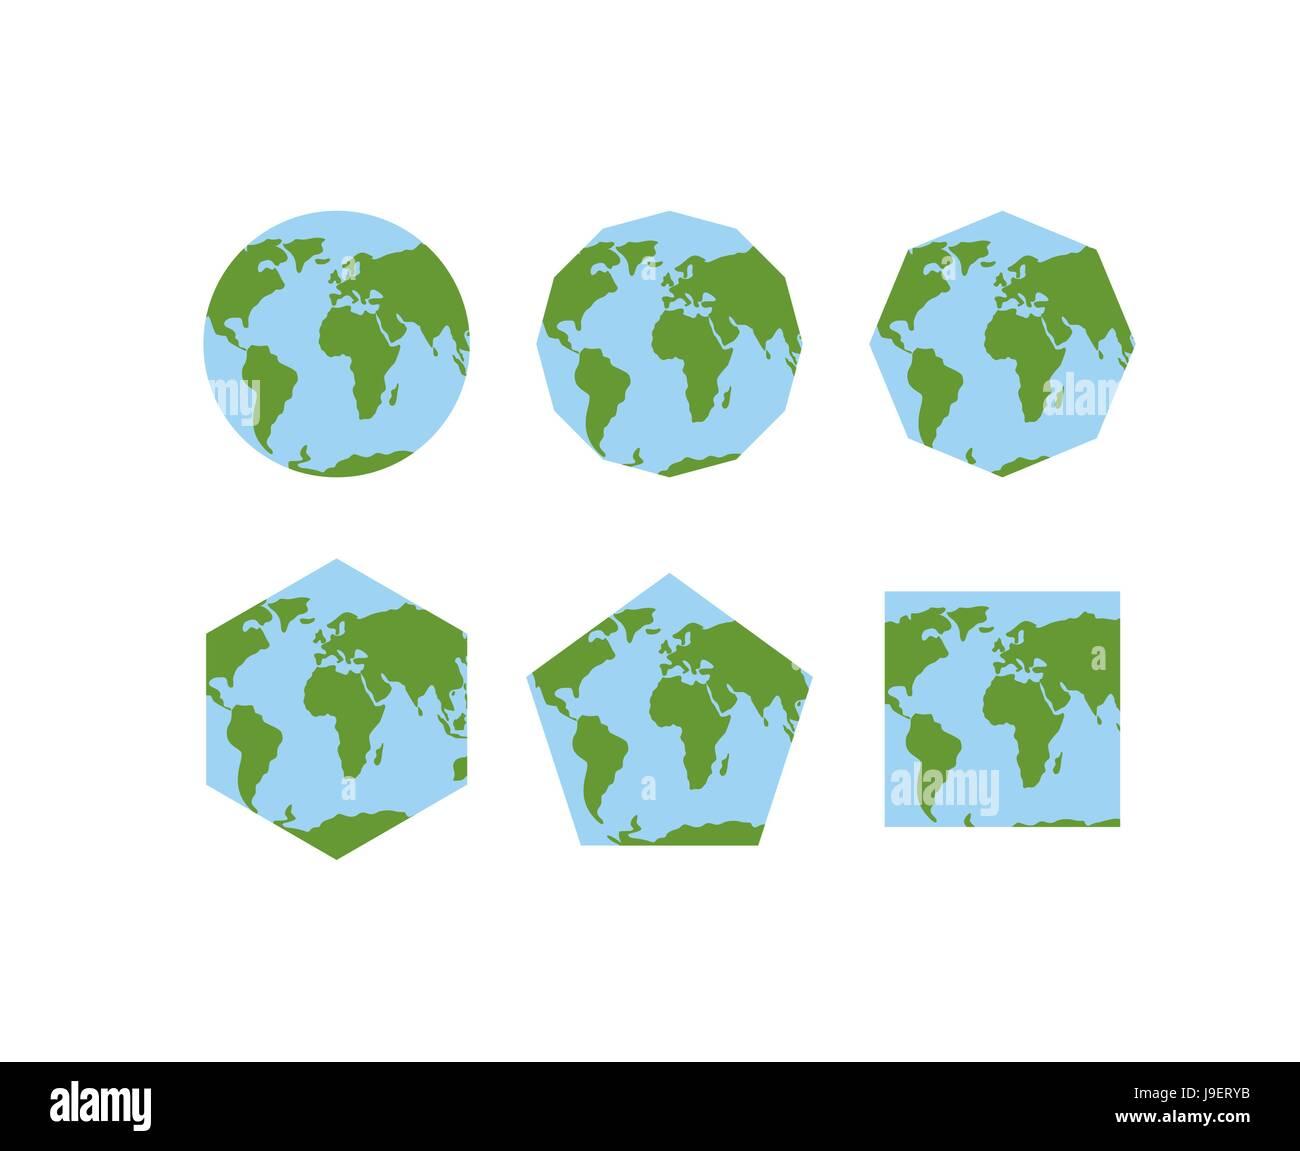 Erde Karte Rund.Reihe Von Geometrischen Formen Der Welt Atlanten Karte Des